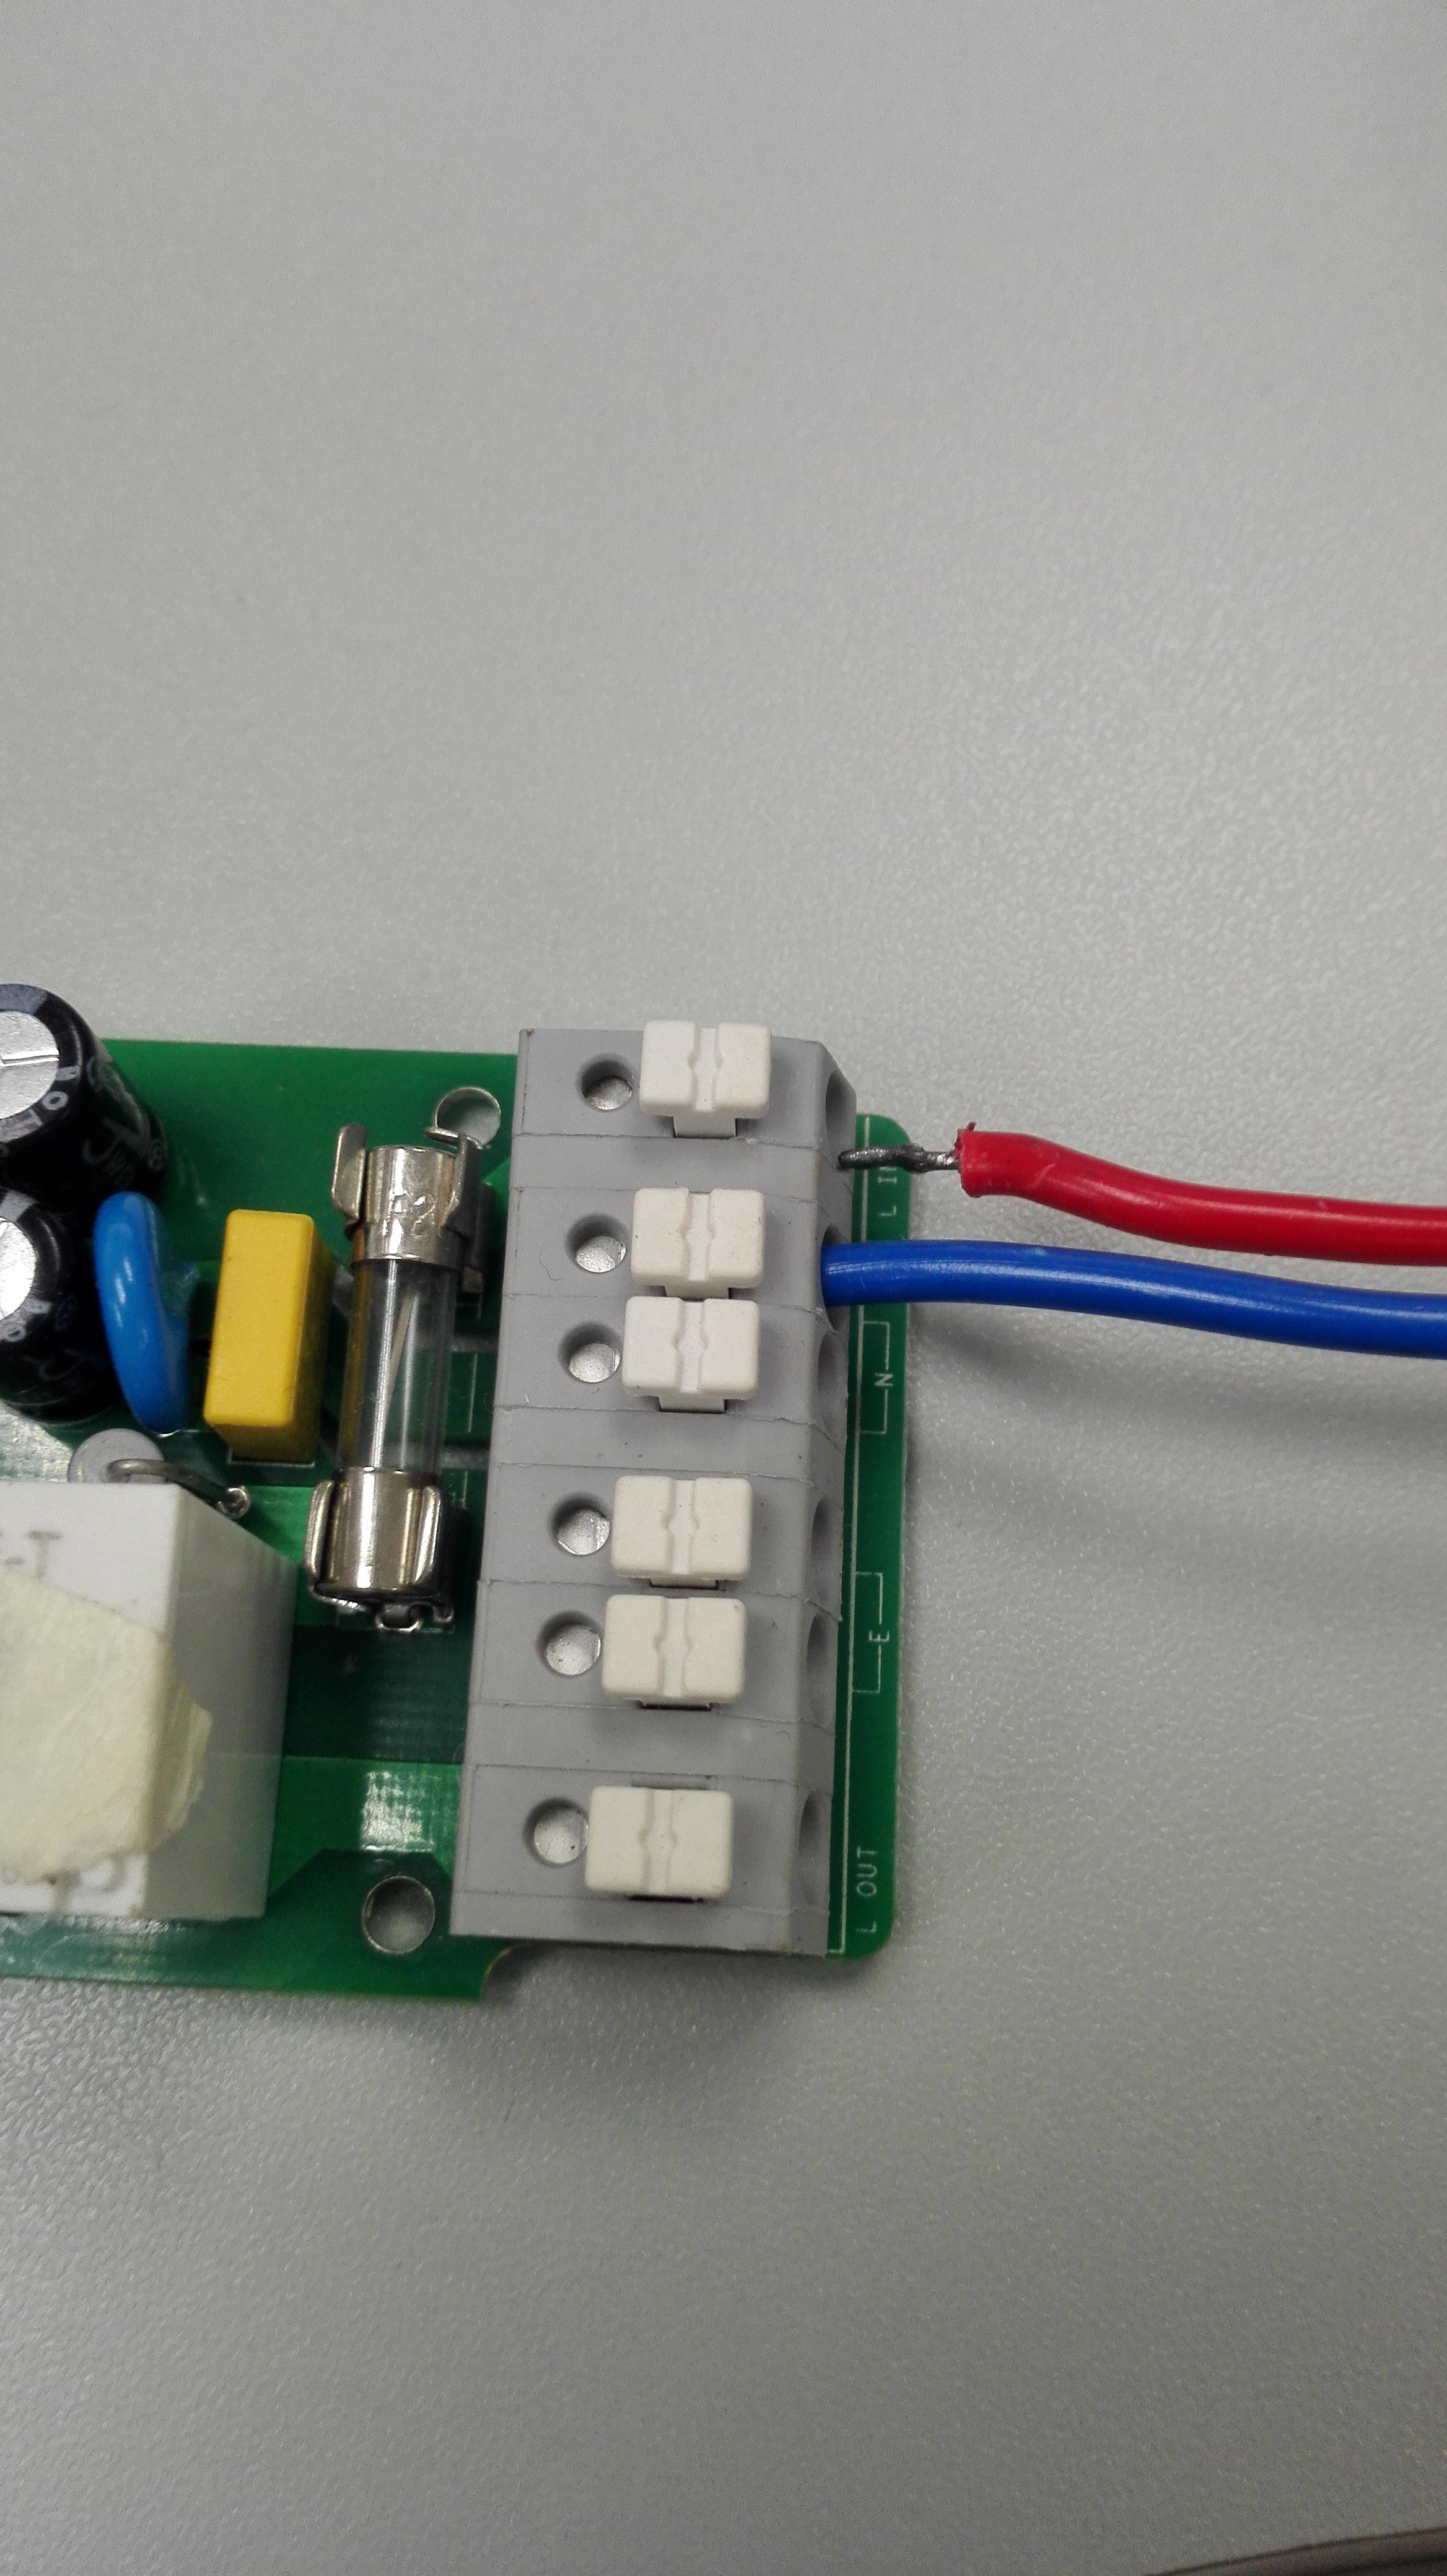 Sonoff WiFi contatto pulito; Sonoff non in linea; Sonoff pulsante